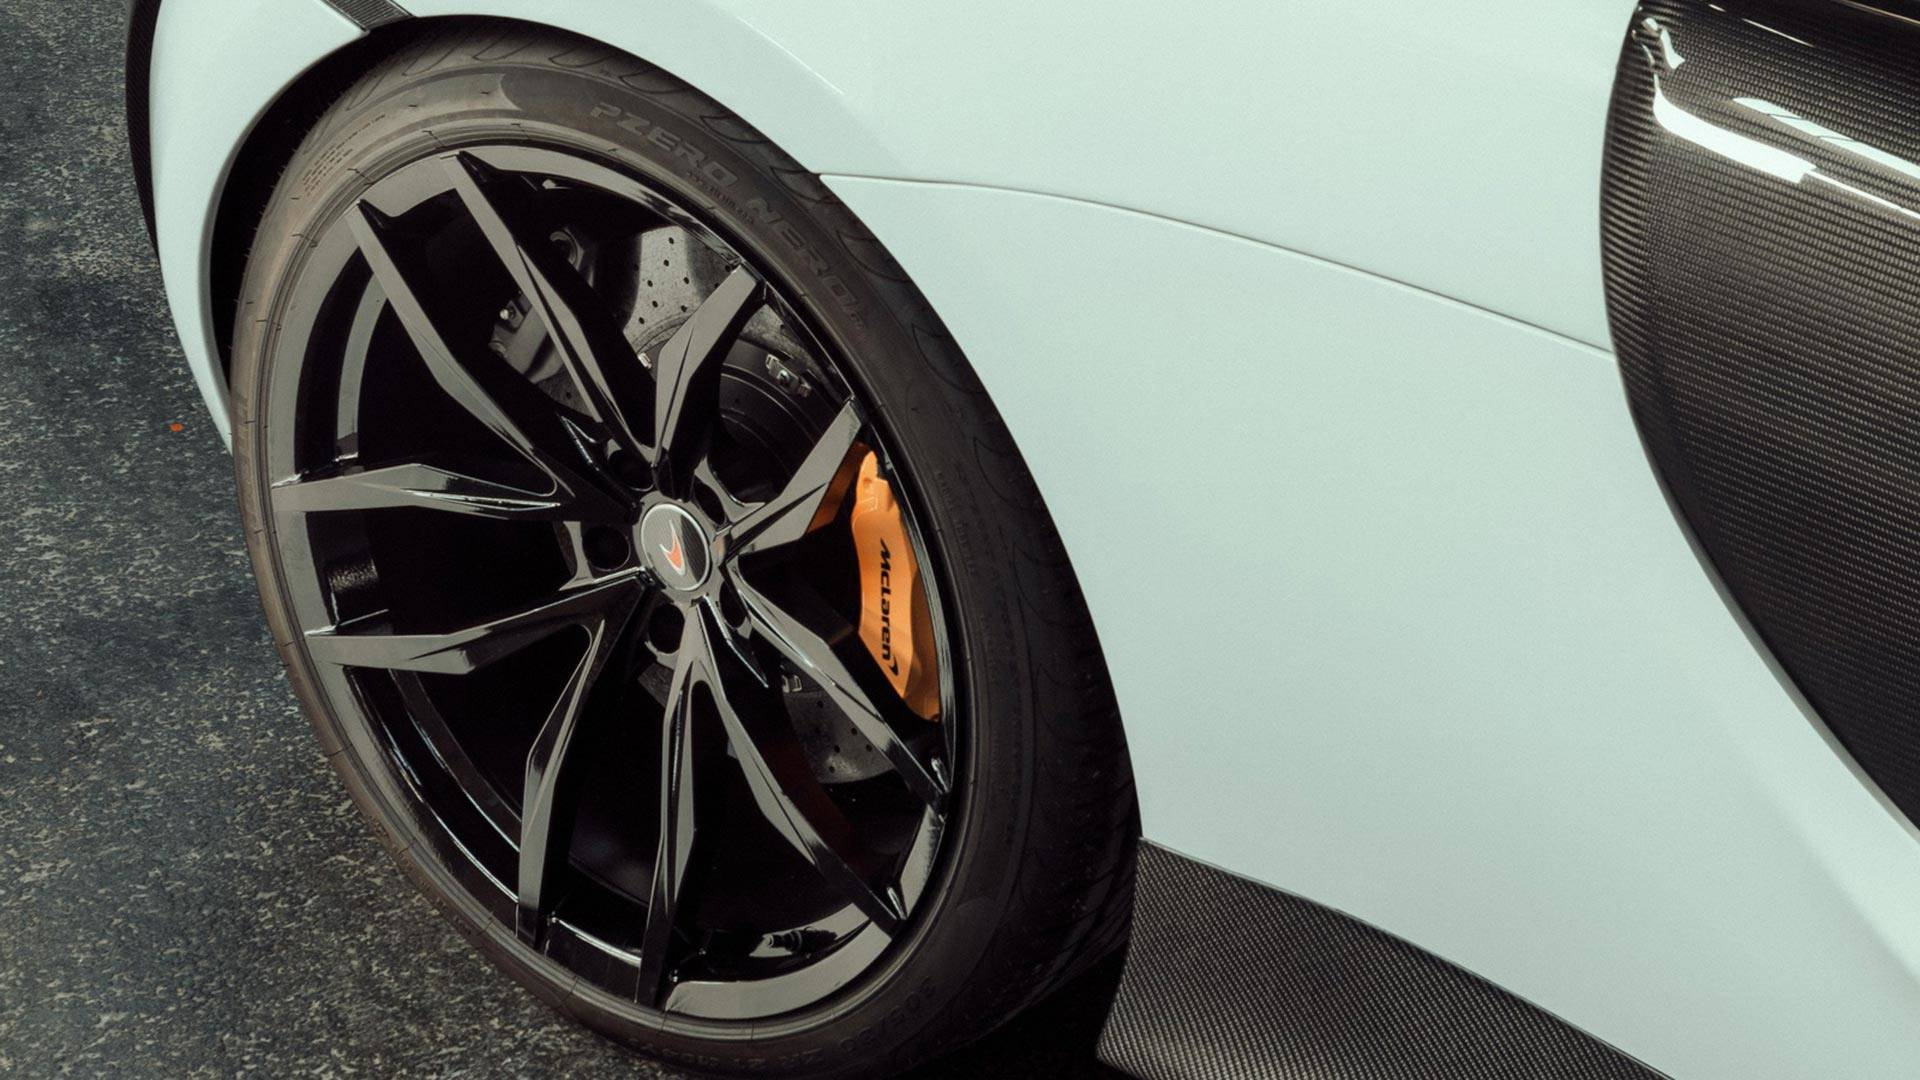 2018 NOVITEC McLaren 570S Spider Wheel Wallpapers (13)